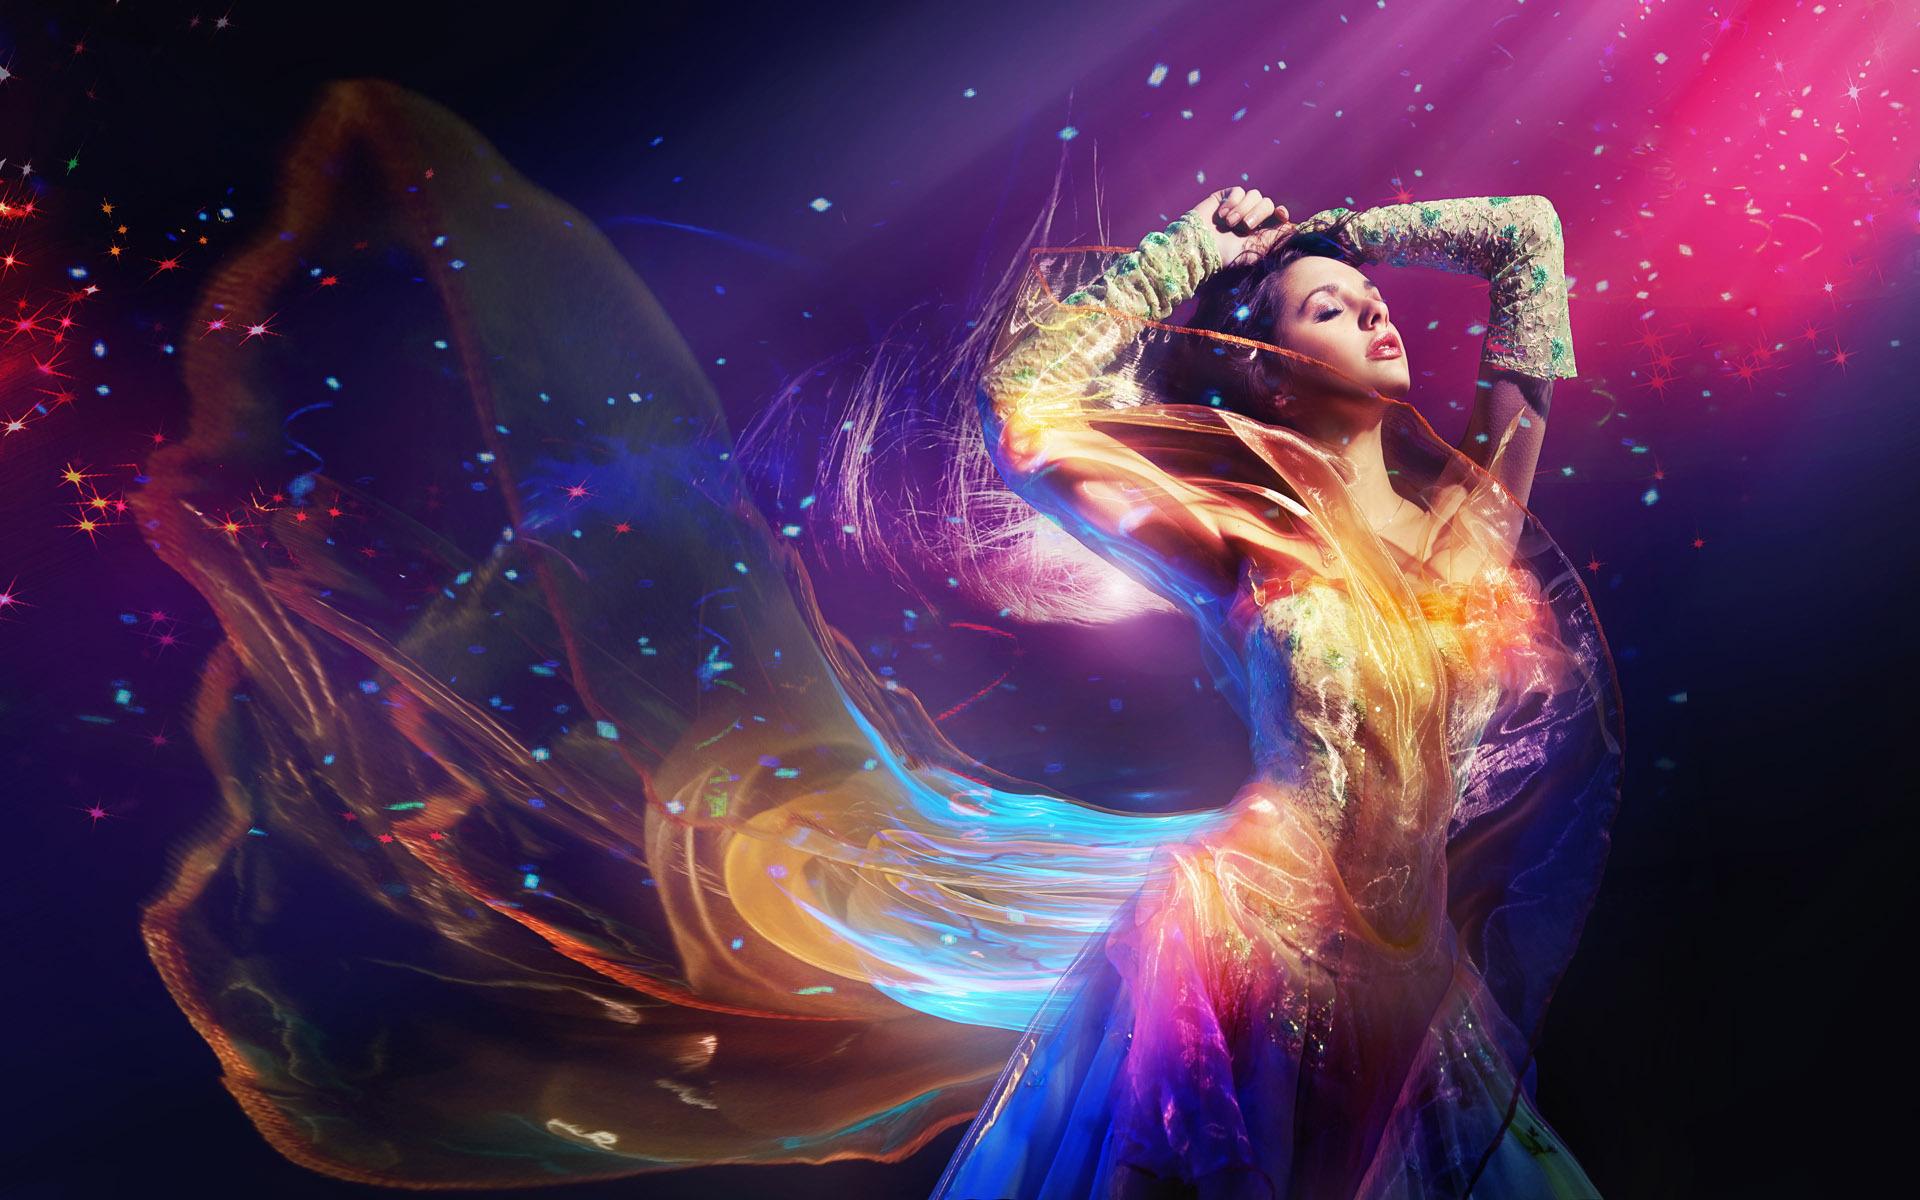 ˙·٠•●๑۩восточная музыка۩๑●•٠·˙люблю ее - красивая восточная музыка.